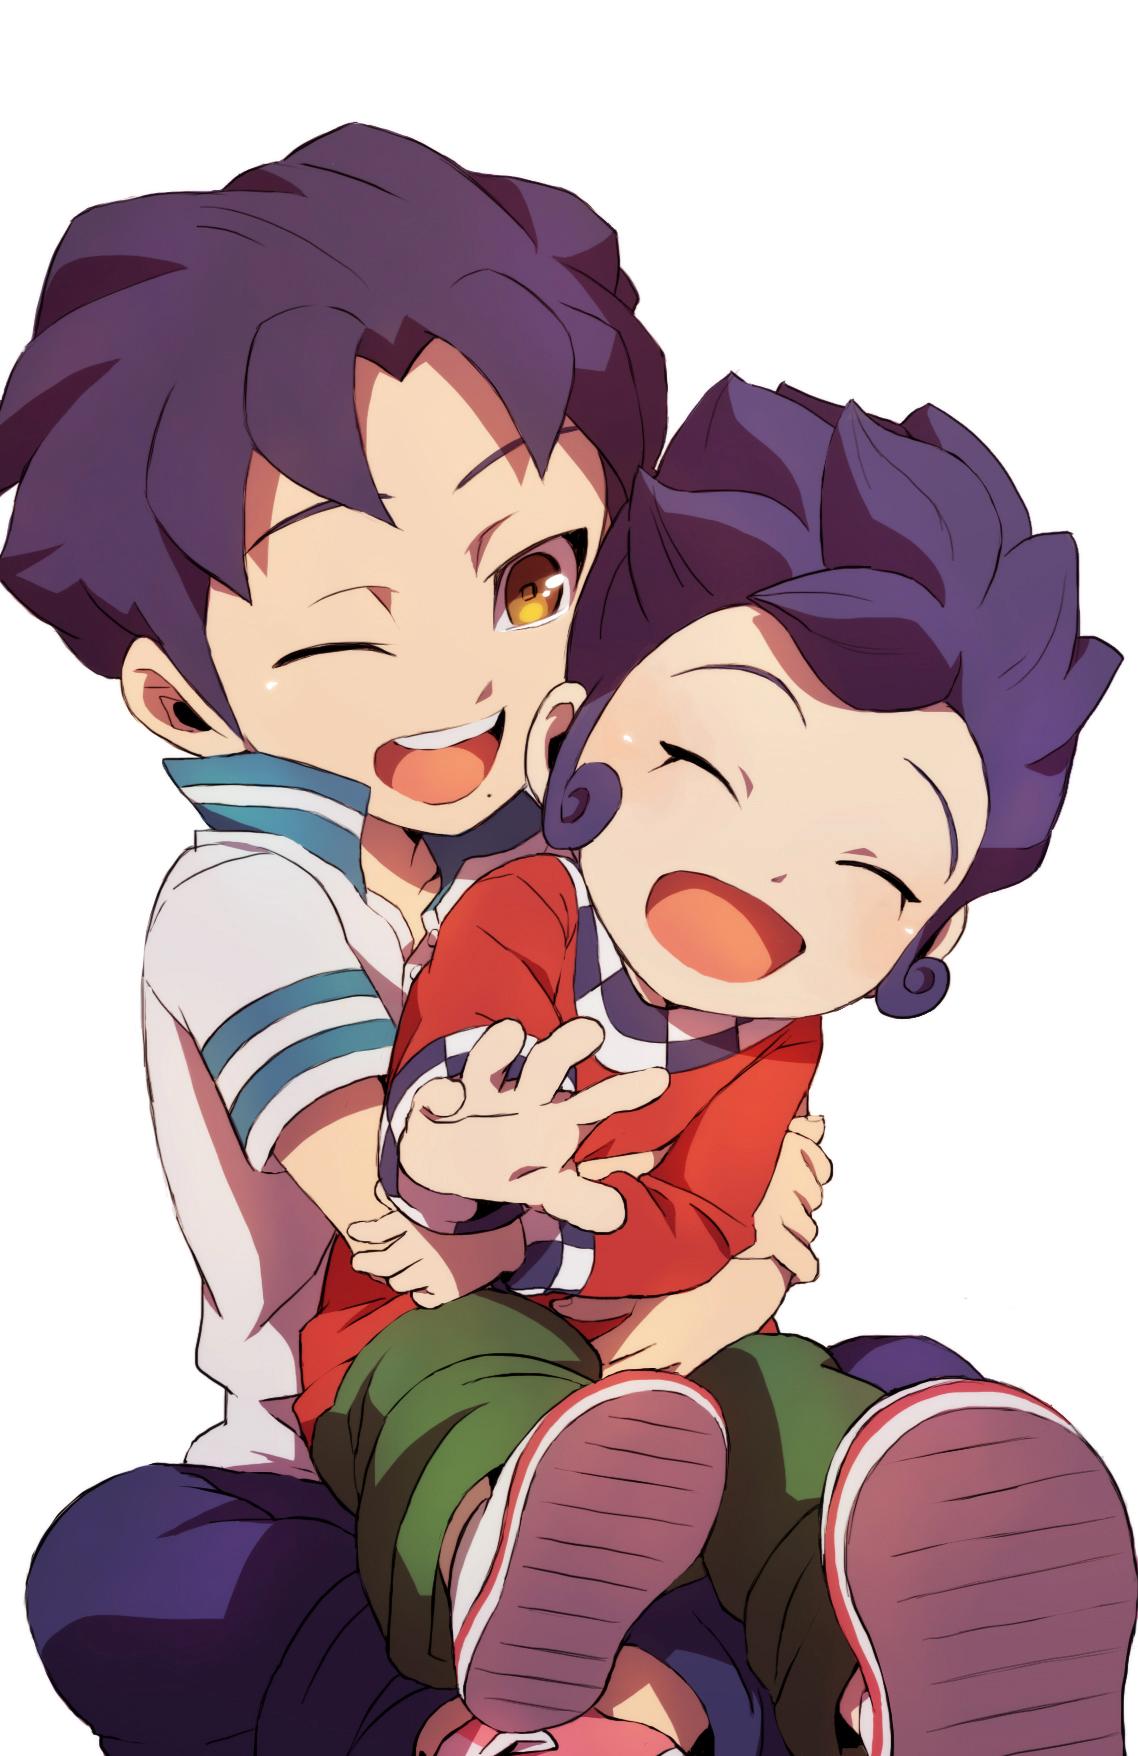 Tsurugi Brothers - Tsurugi Kyousuke Photo (32494212) - Fanpop